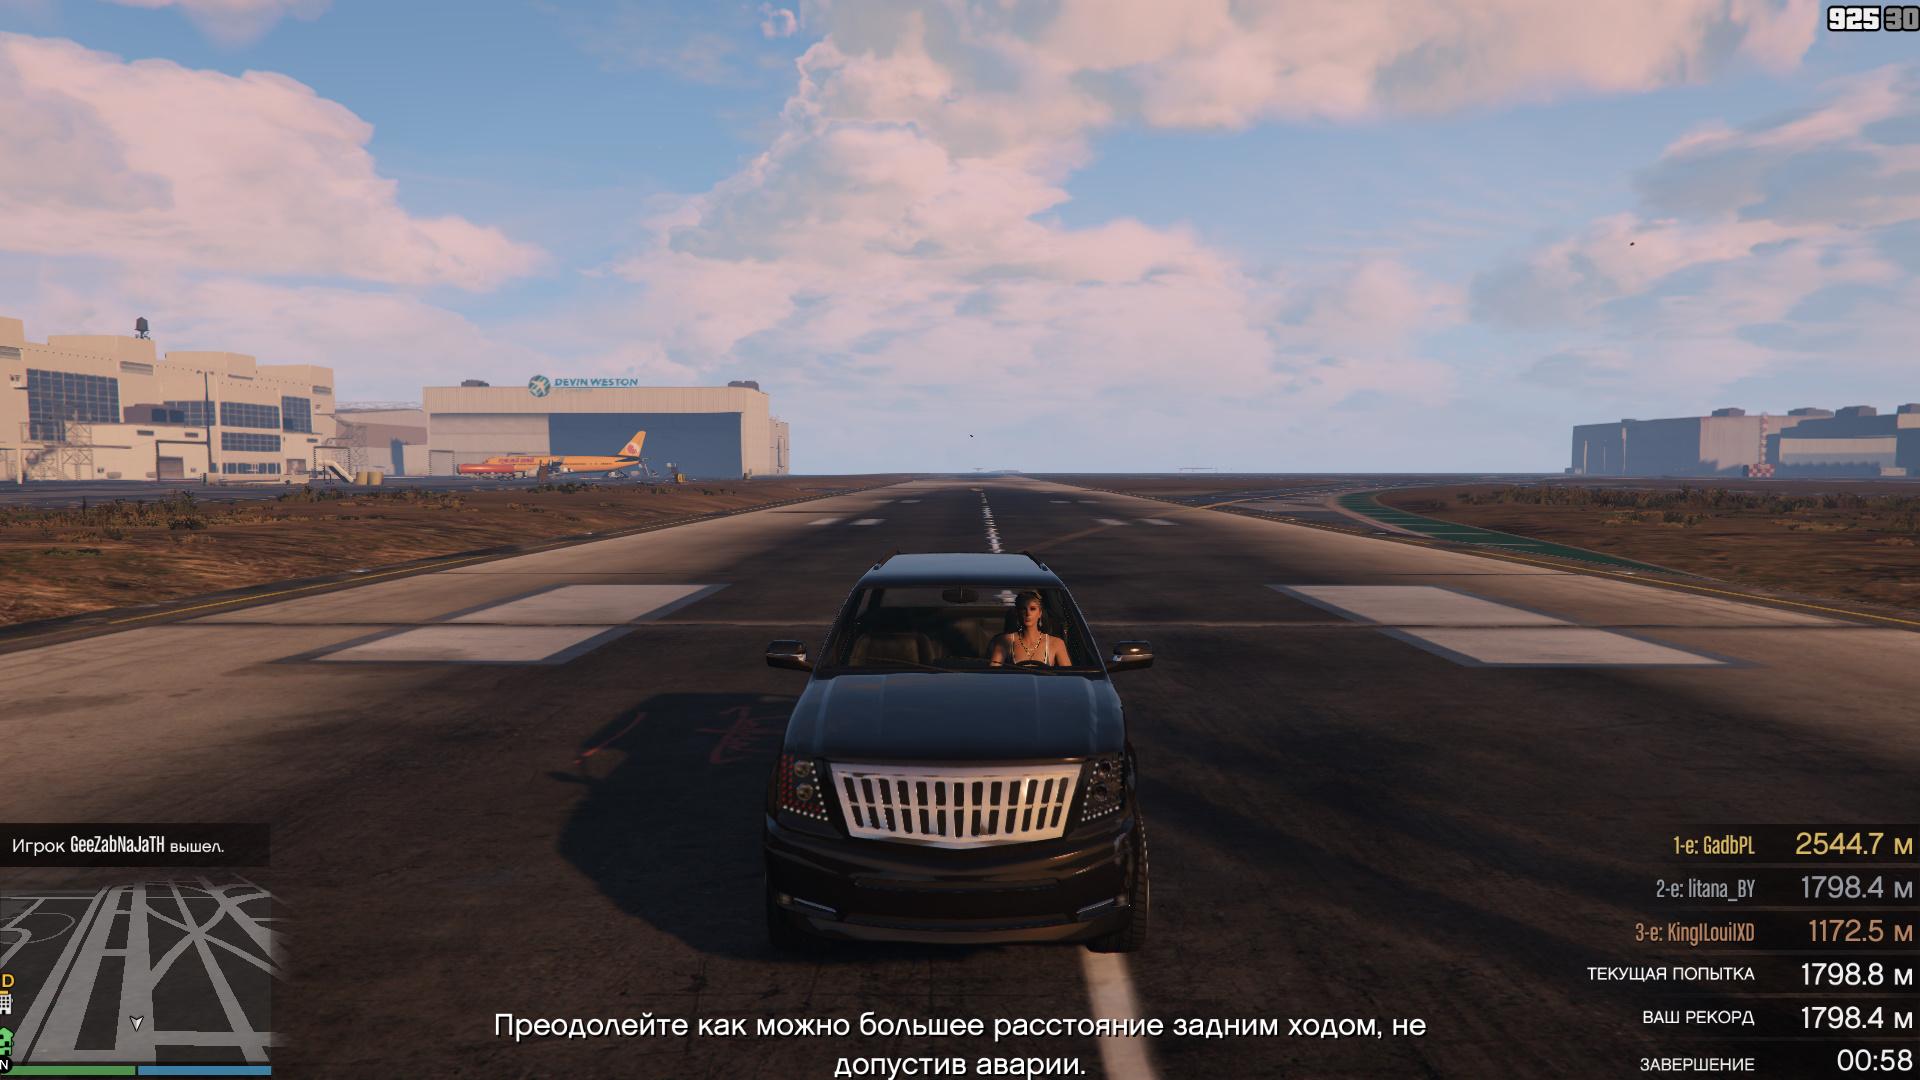 GTA5 2017-04-16 15-36-55-791.jpg - Grand Theft Auto 5 Открытый мир